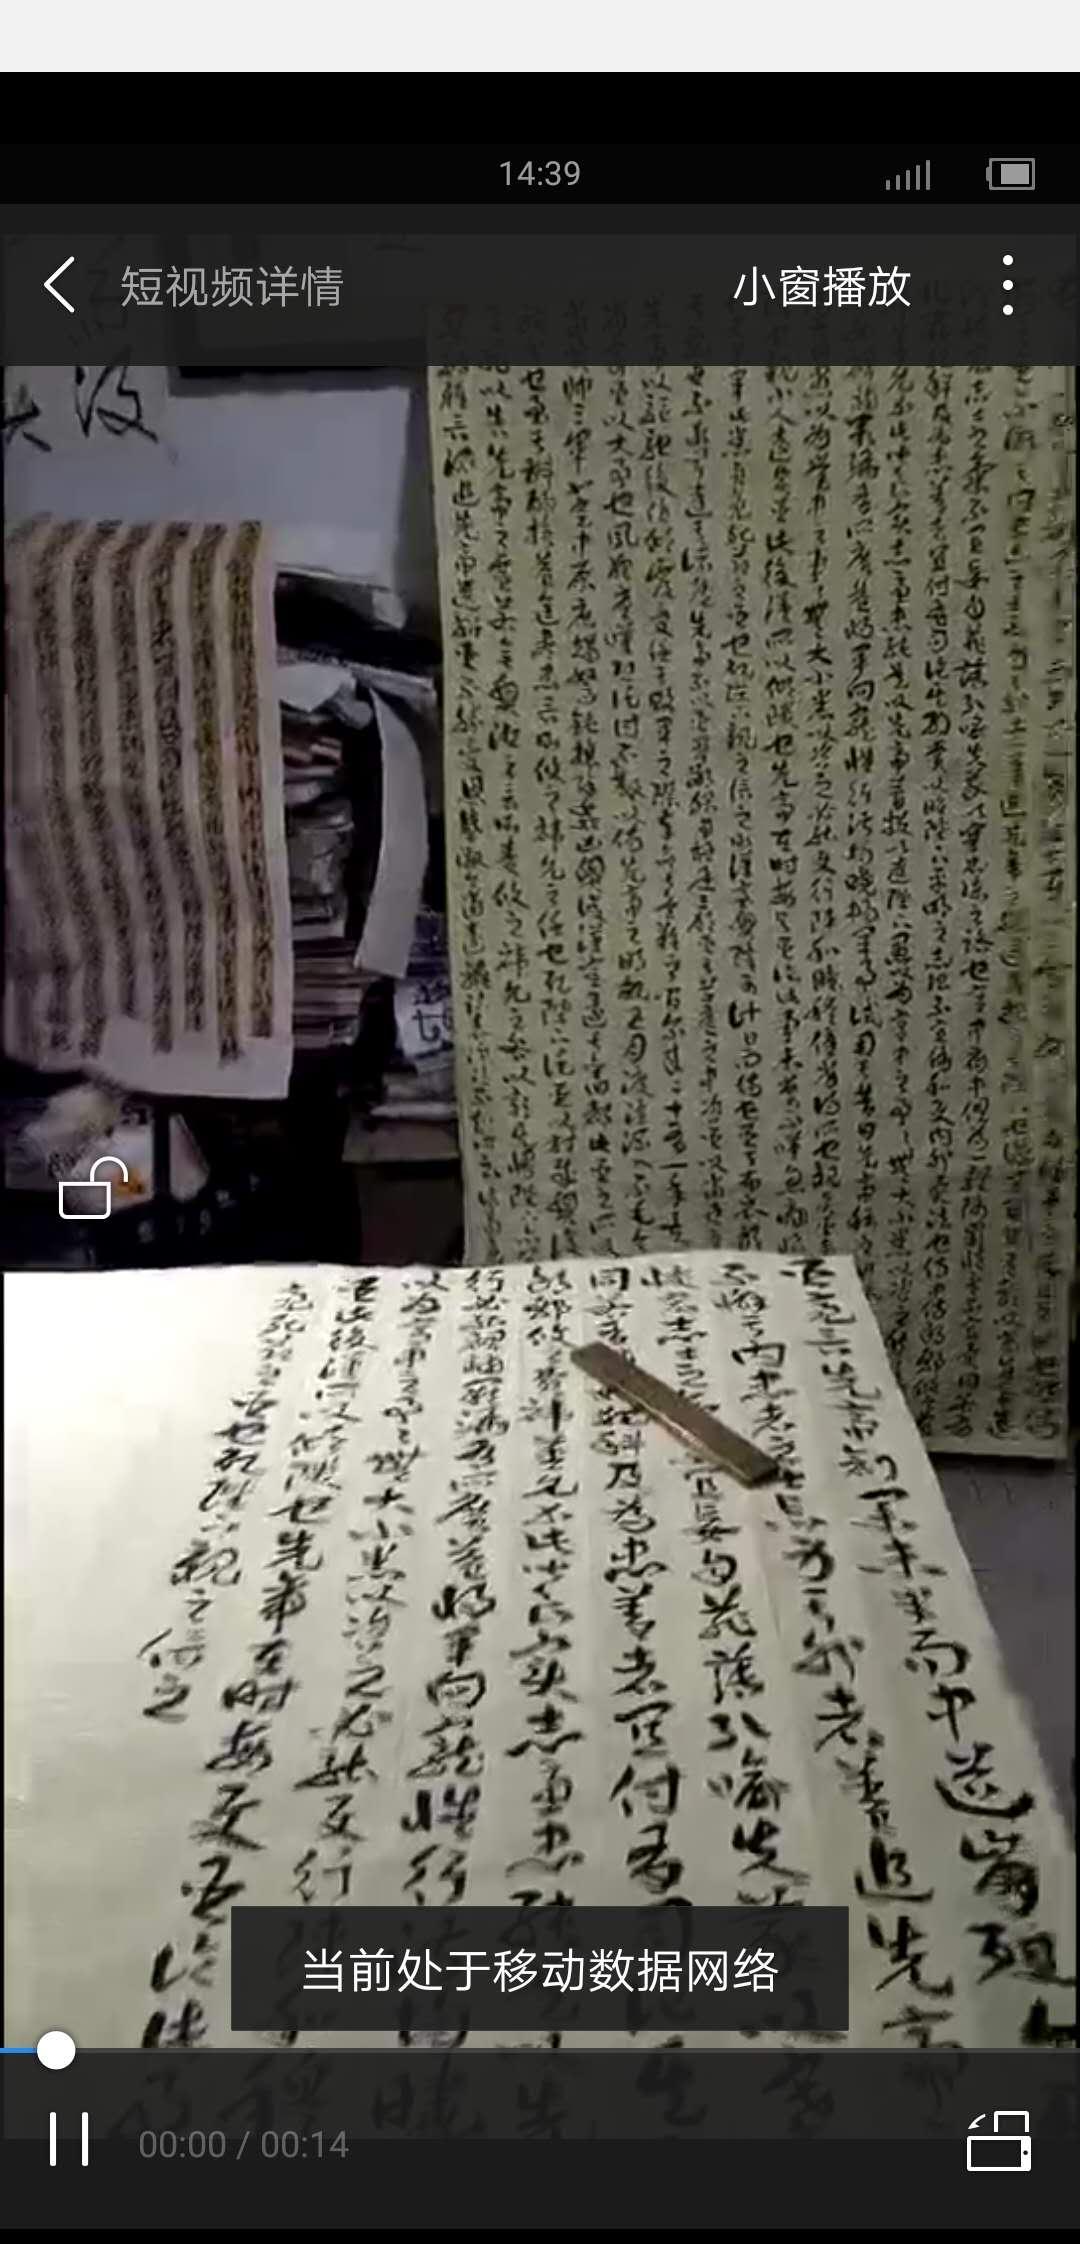 中书协会员张泽民老师创作中